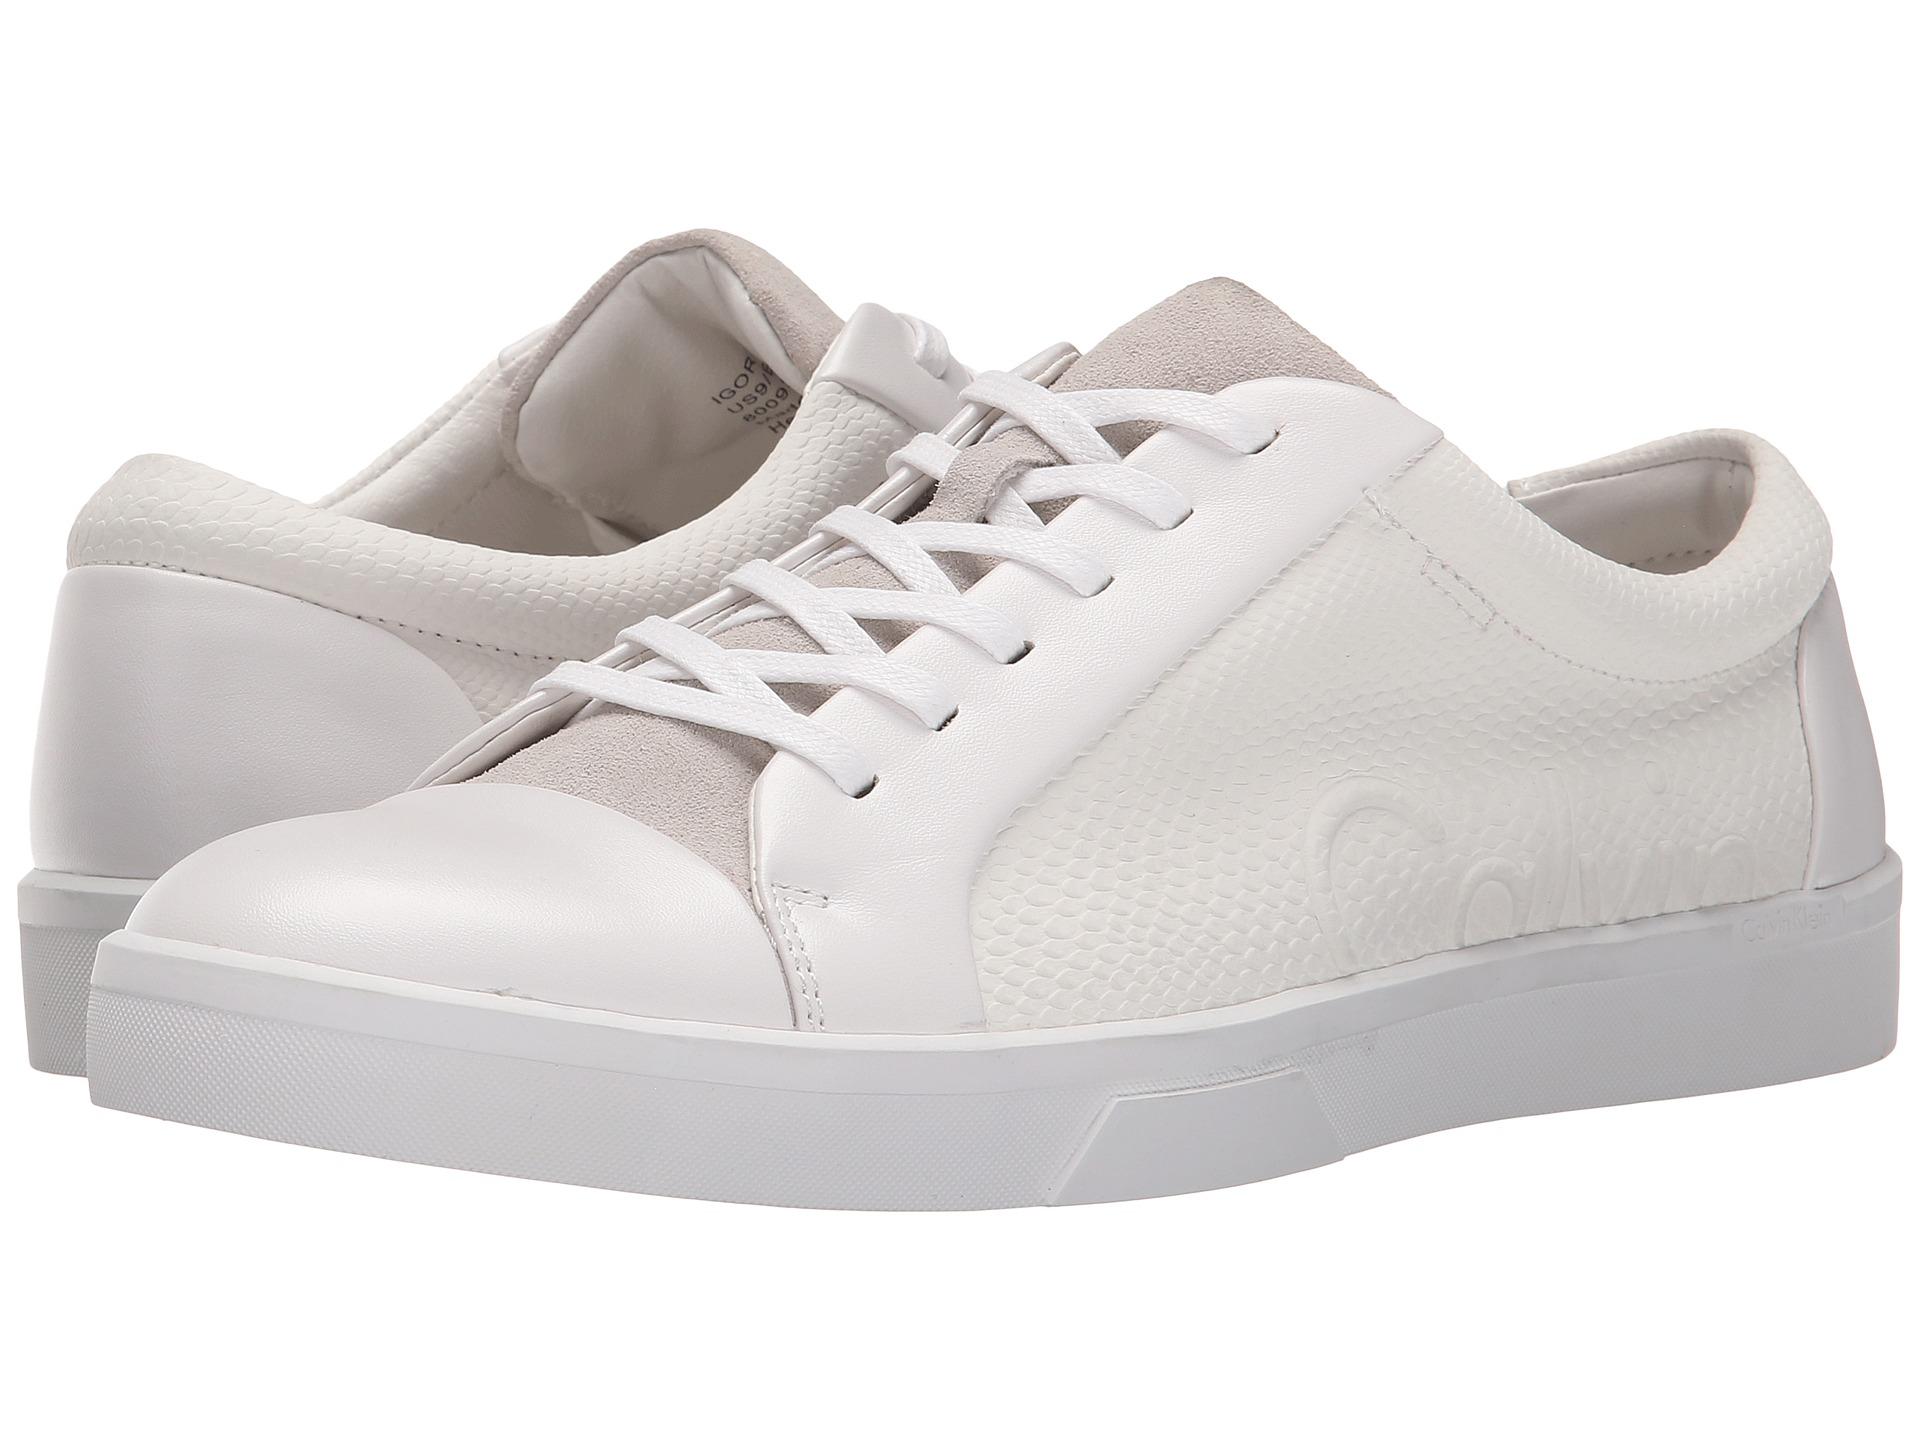 Calvin Klein IGOR  Trainers  white   zKYEhFby